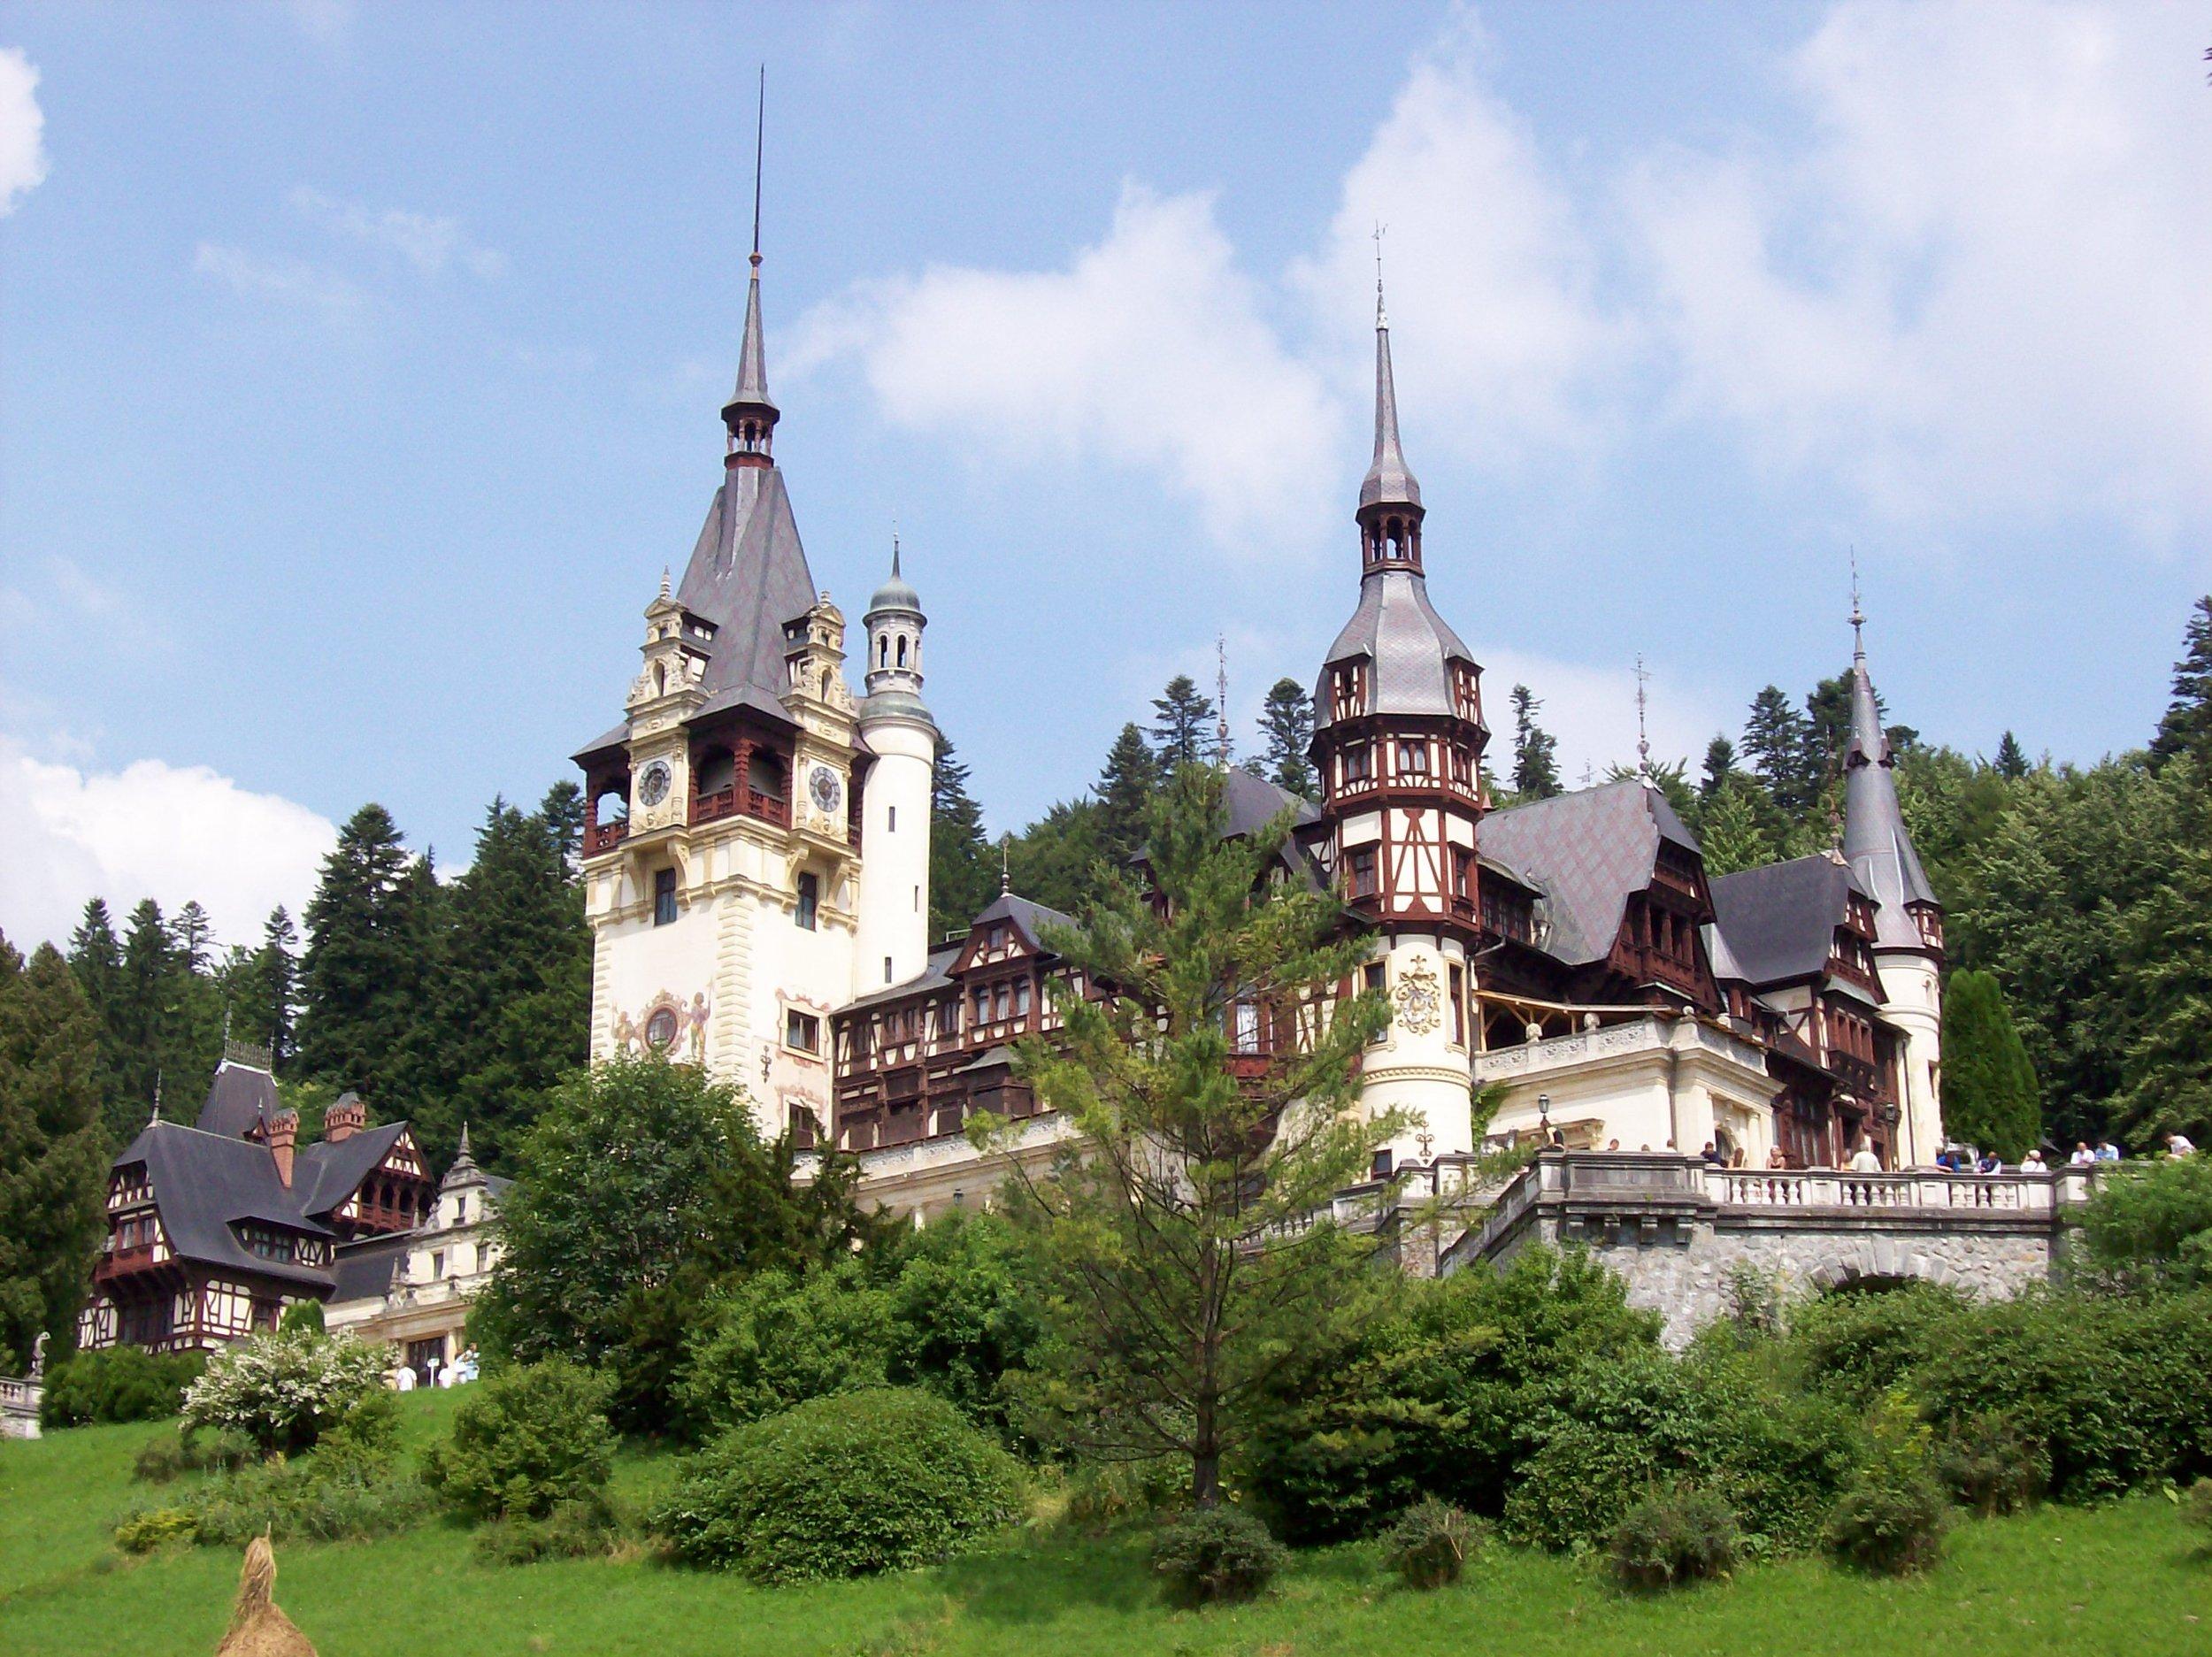 1947 wurde das Schloss Peleș vom kommunistischen Regime beschlagnahmt. Erst seit 2008 gehört es wieder der Königsfamilie. Es dient als Museum oder für Filmproduktionen    Foto: Gemeinfrei